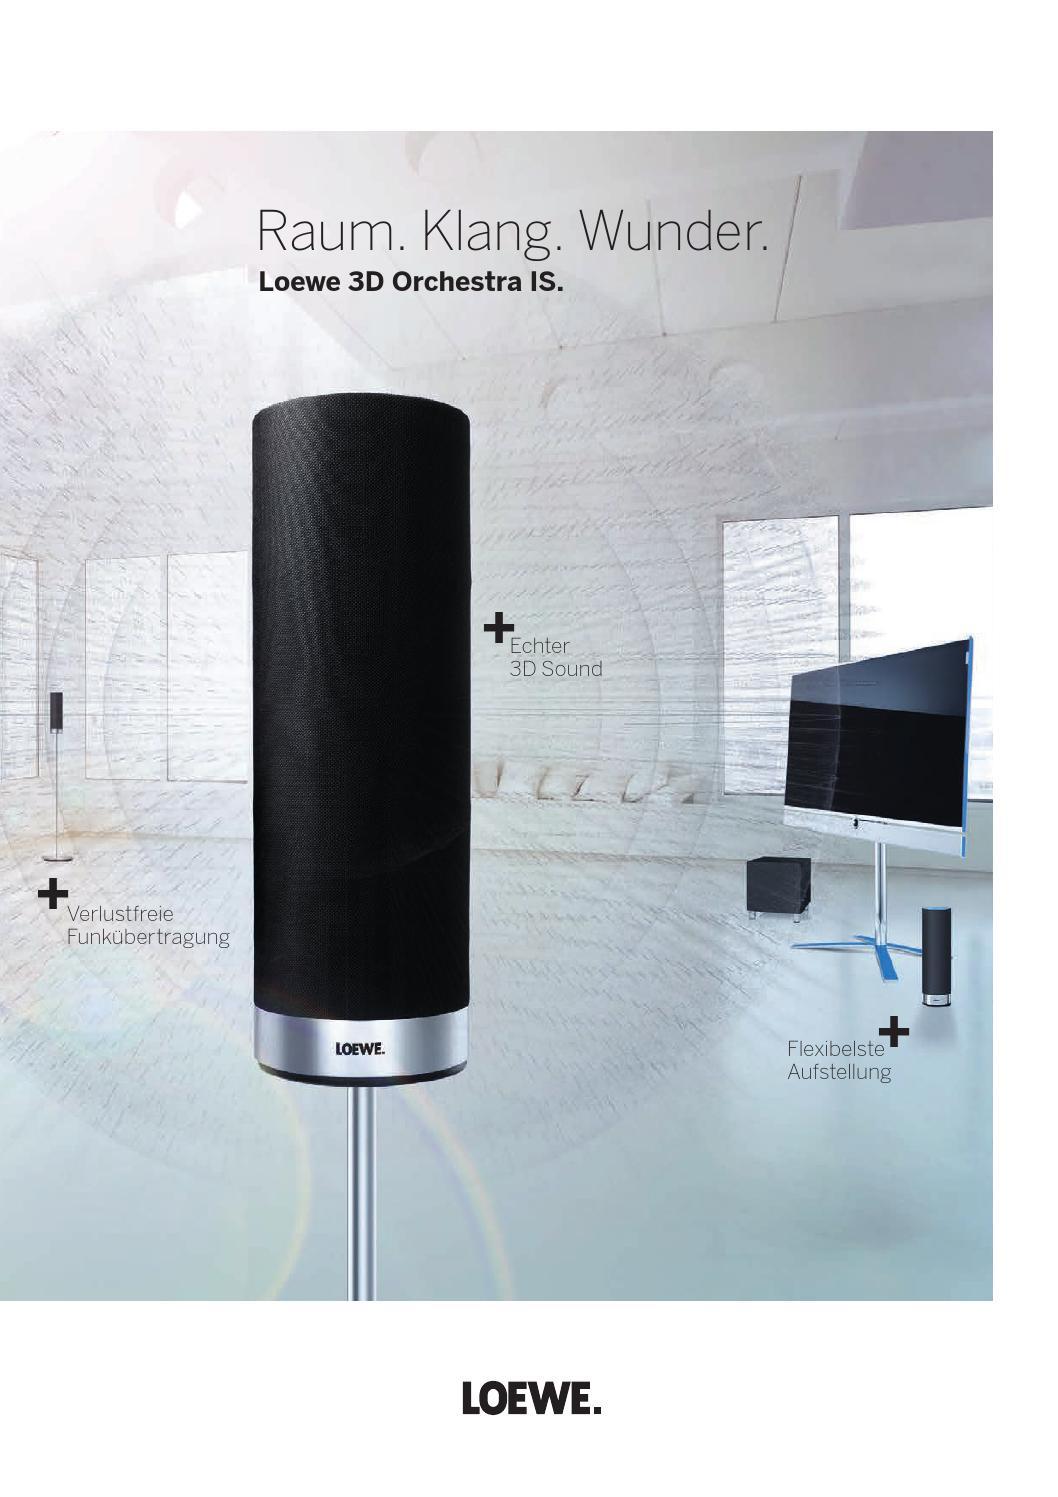 Loewe 3D Orchestra, deutsch by Loewe - issuu